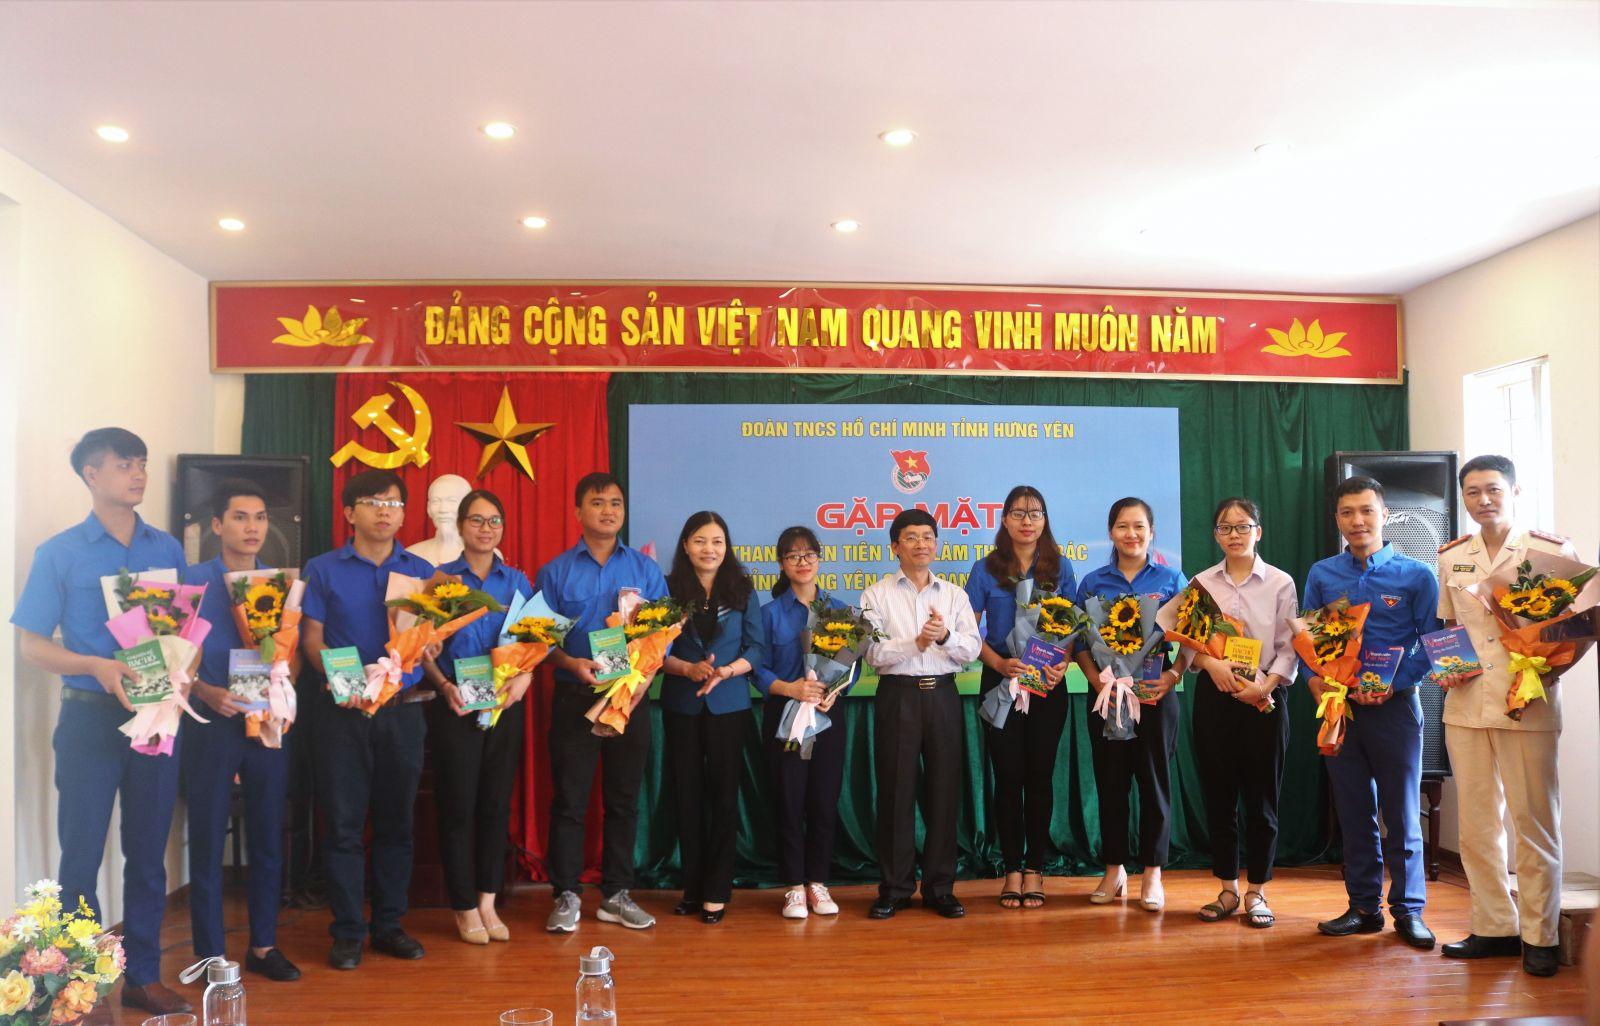 Gặp mặt Thanh niên tiên tiến làm theo lời Bác tỉnh Hưng Yên giai đoạn 2018 – 2020